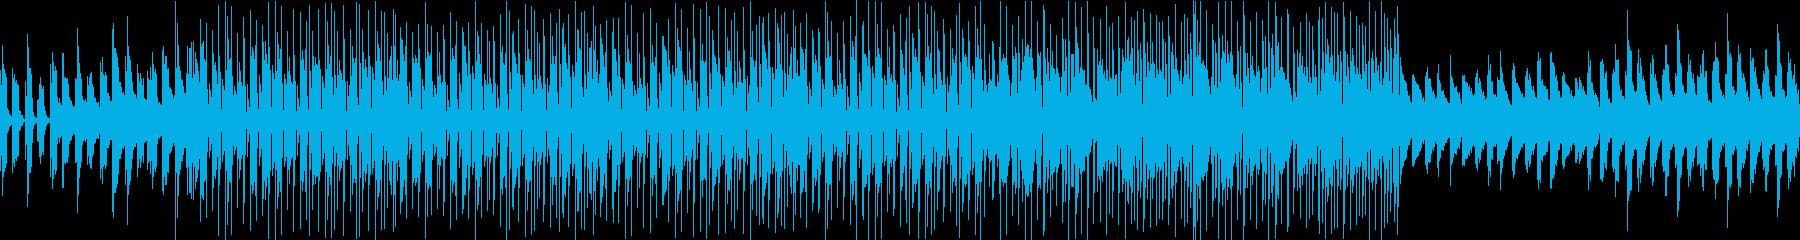 16Beat shuffle BGMの再生済みの波形